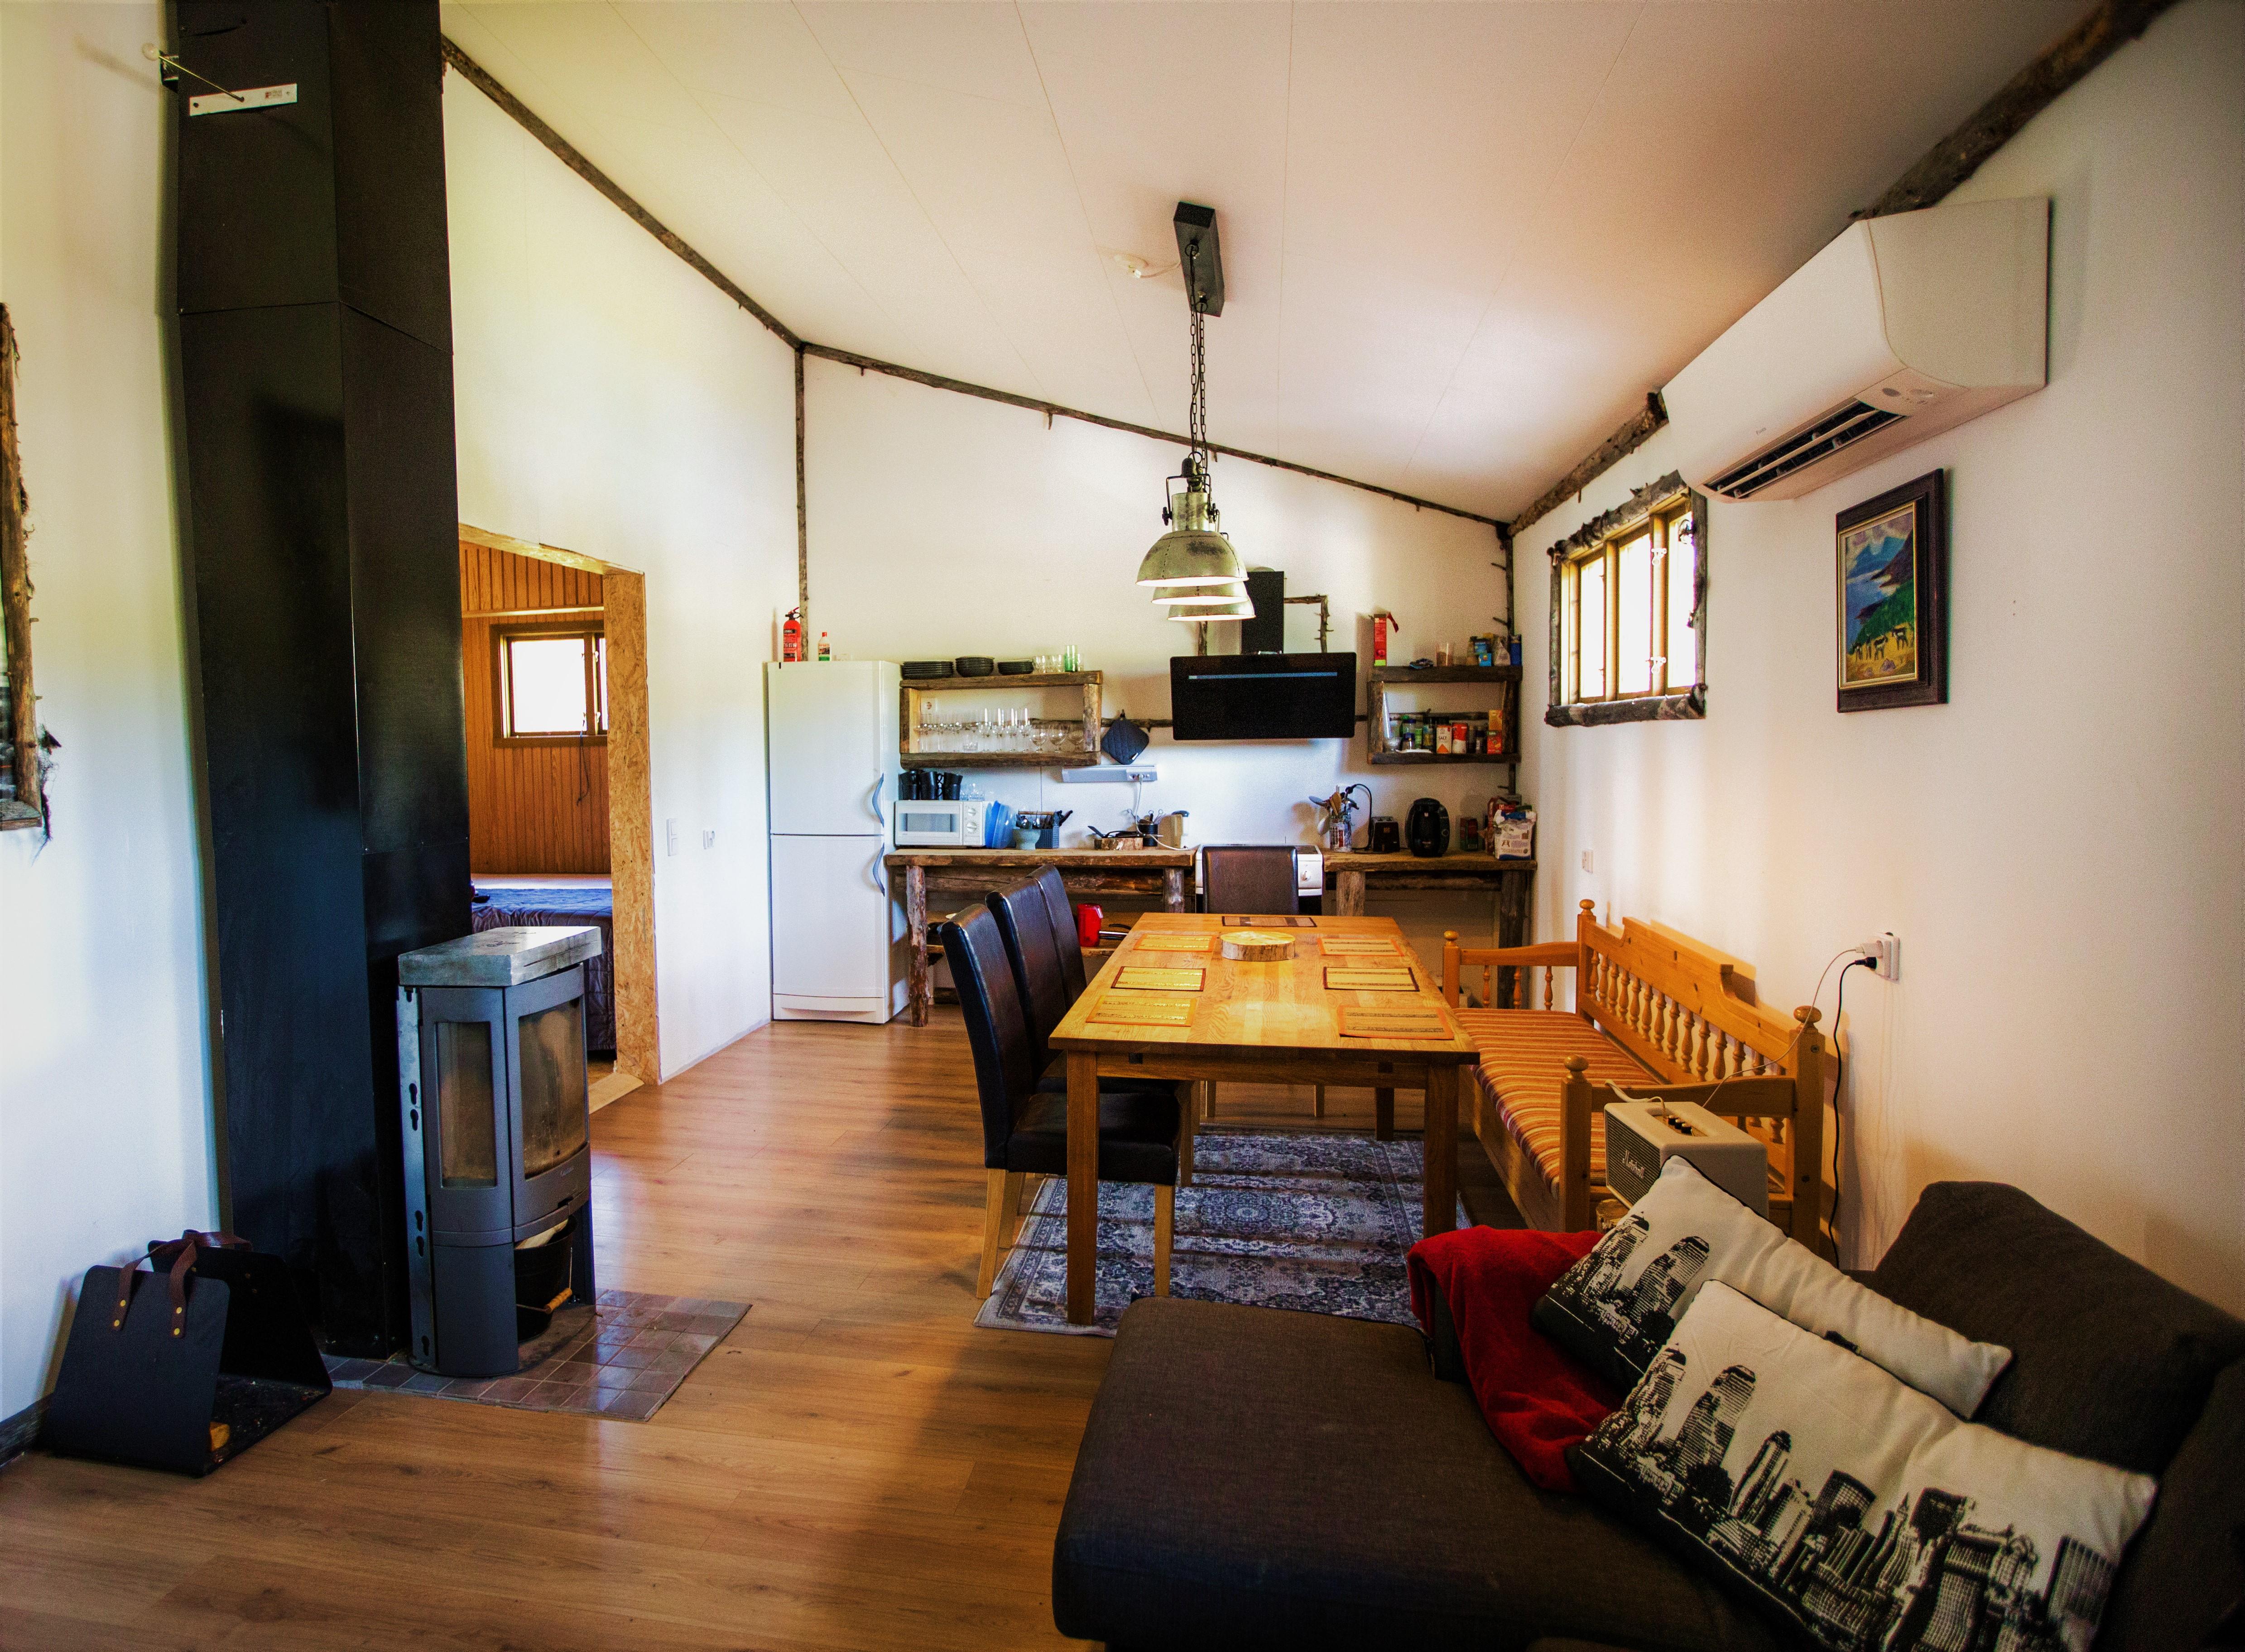 Open floor plan, kitchen and living room